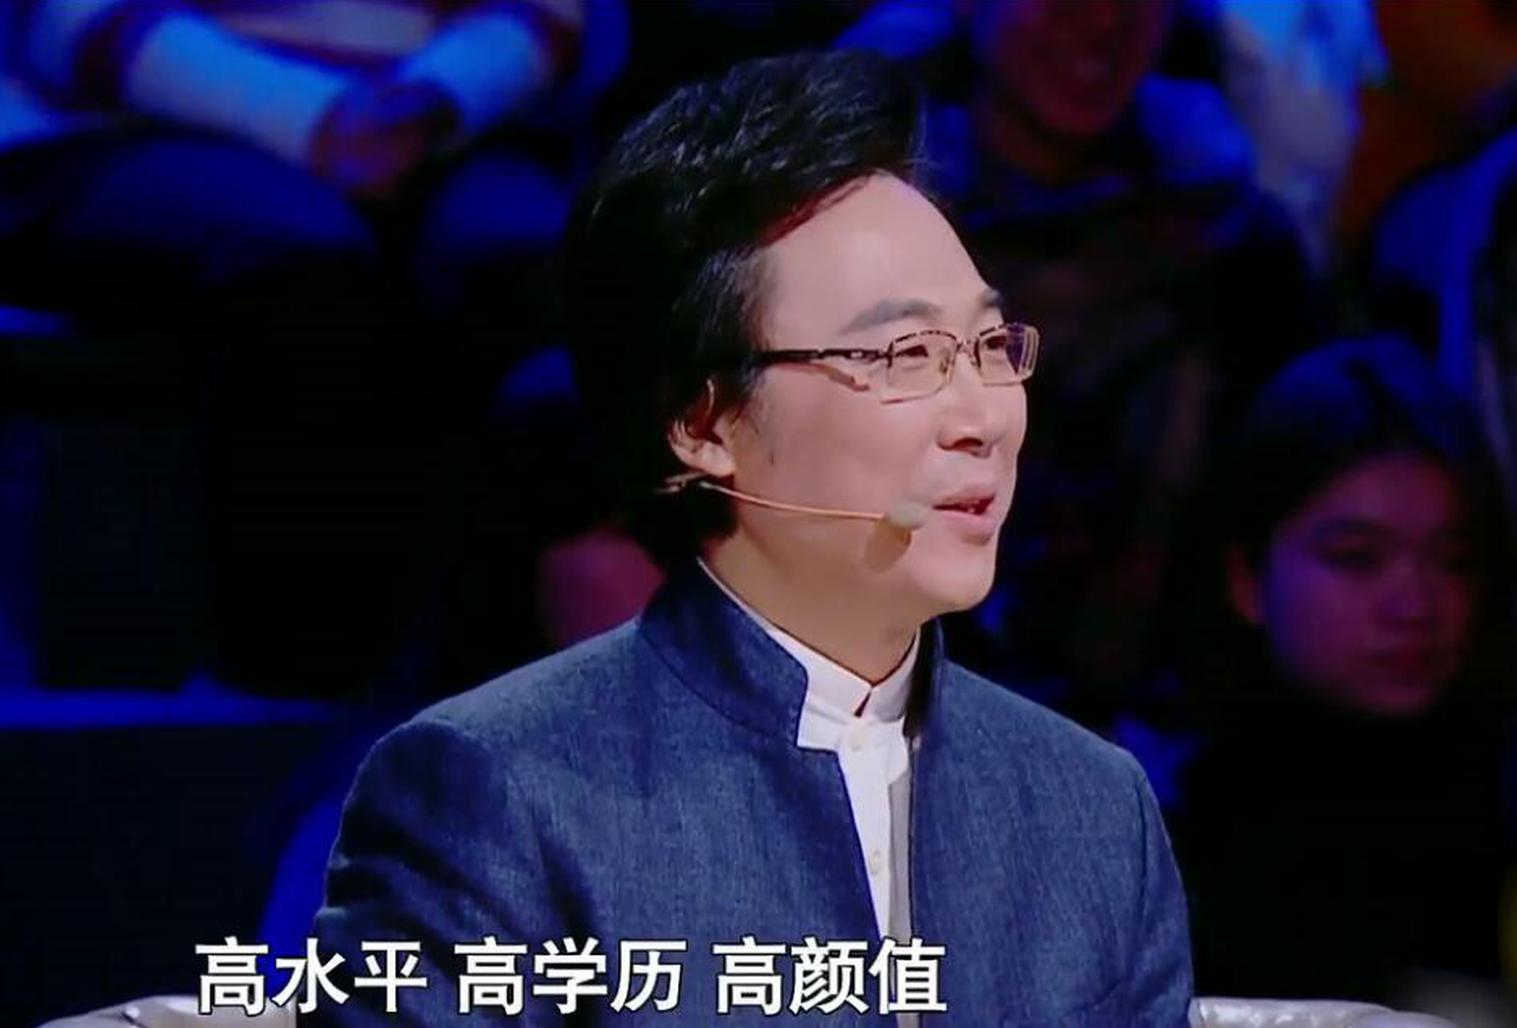 """正如廖昌永说的,这个""""高龄合唱团""""真的不简单。"""